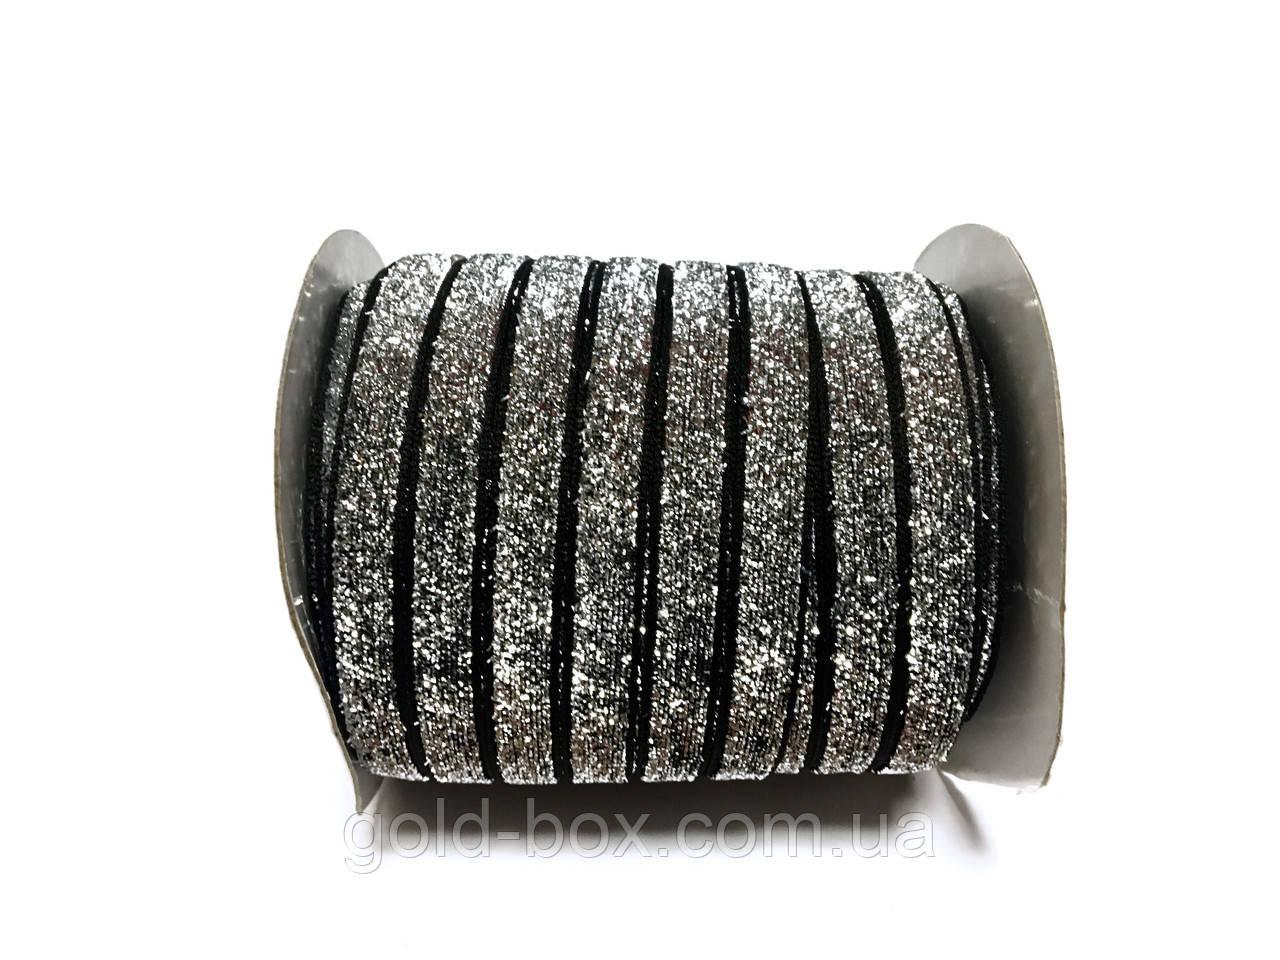 Блестящая лента 1см 46 метров декоративная чёрно-серебрянная